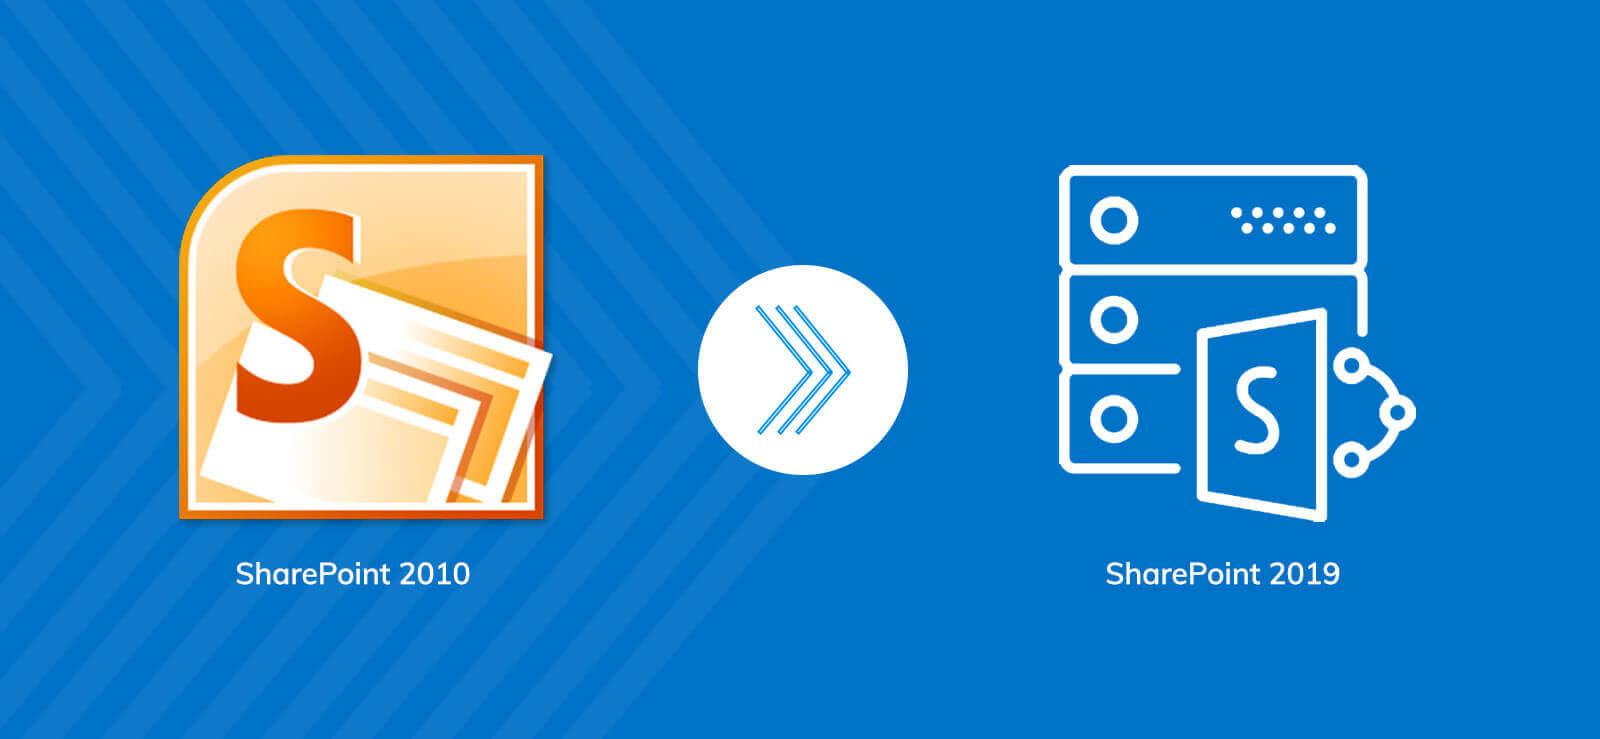 For SharePoint Server 2010